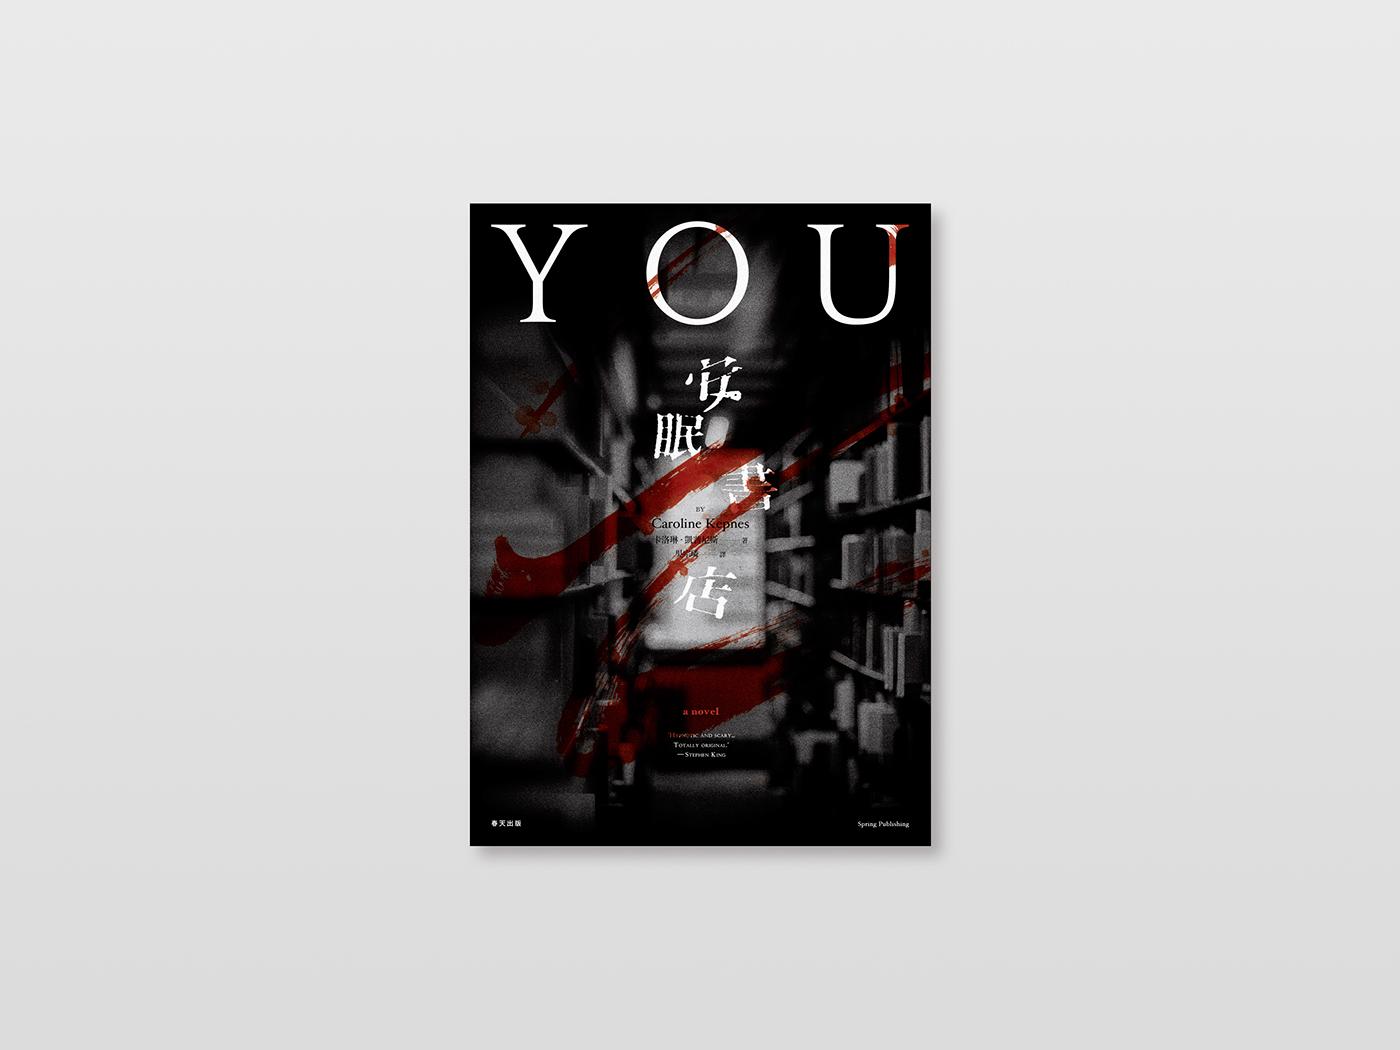 精美的39張封面設計欣賞